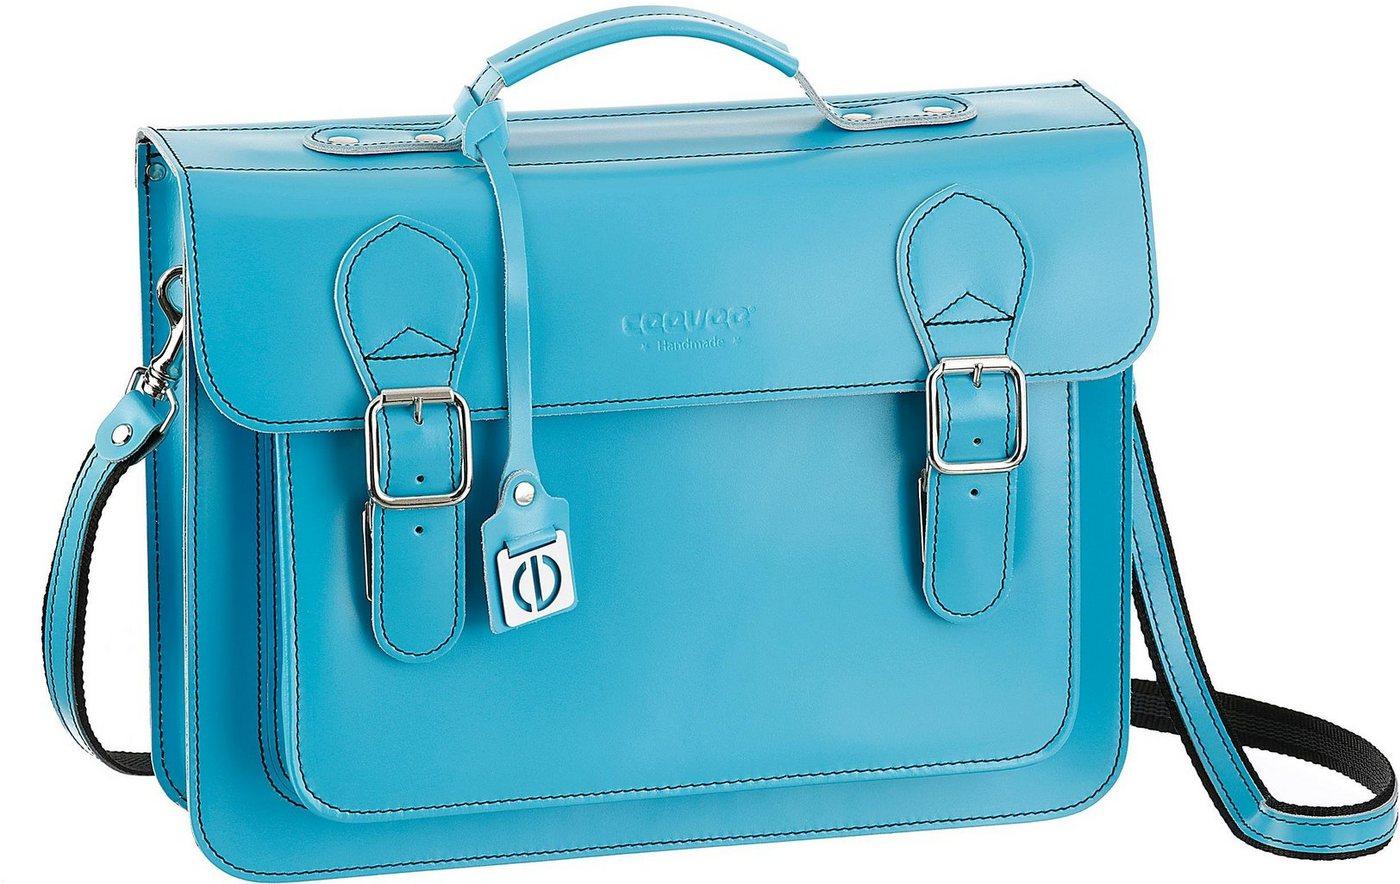 Ceevee Businesstasche »Catchall Catchall Business, Turquoise«, mit Tabletfach   Taschen > Businesstaschen > Aktentaschen   Grün   Ceevee